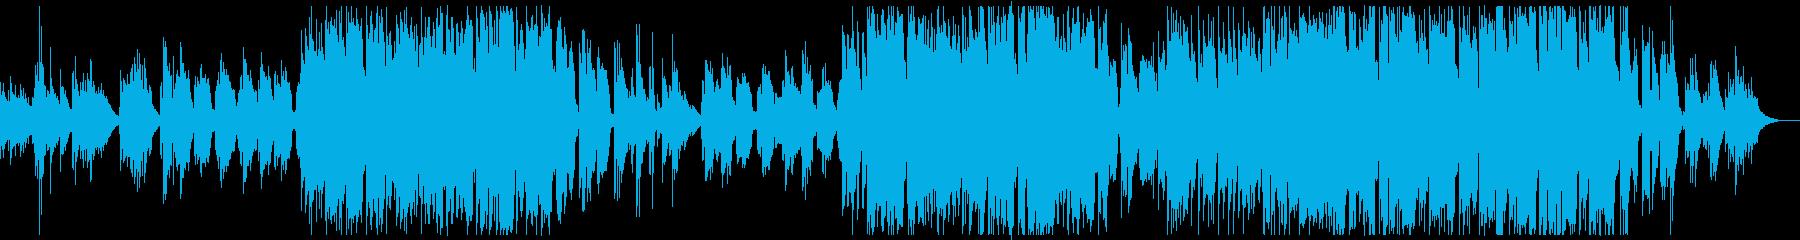 アコースティックなポップなバラードの再生済みの波形